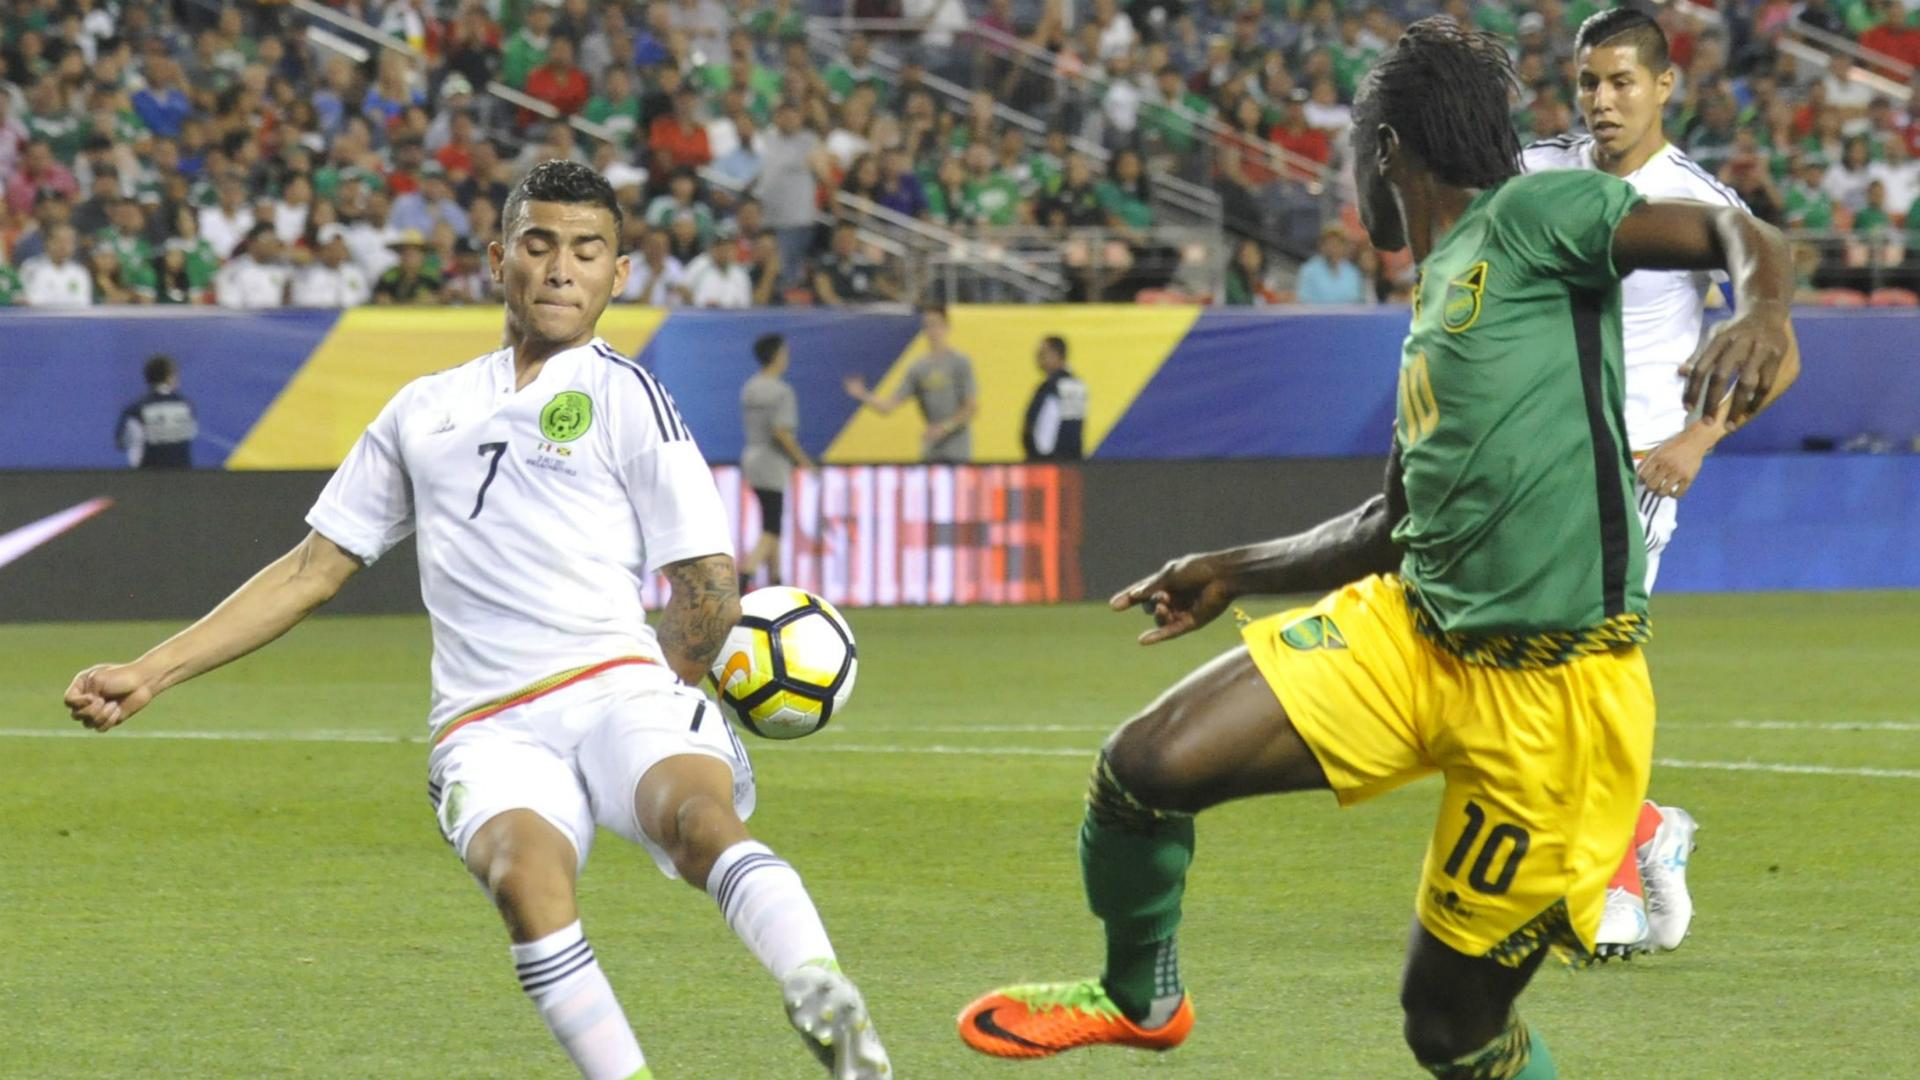 Estados Unidos pasa a semifinales tras ganar 2 - 0 contra El Salvador